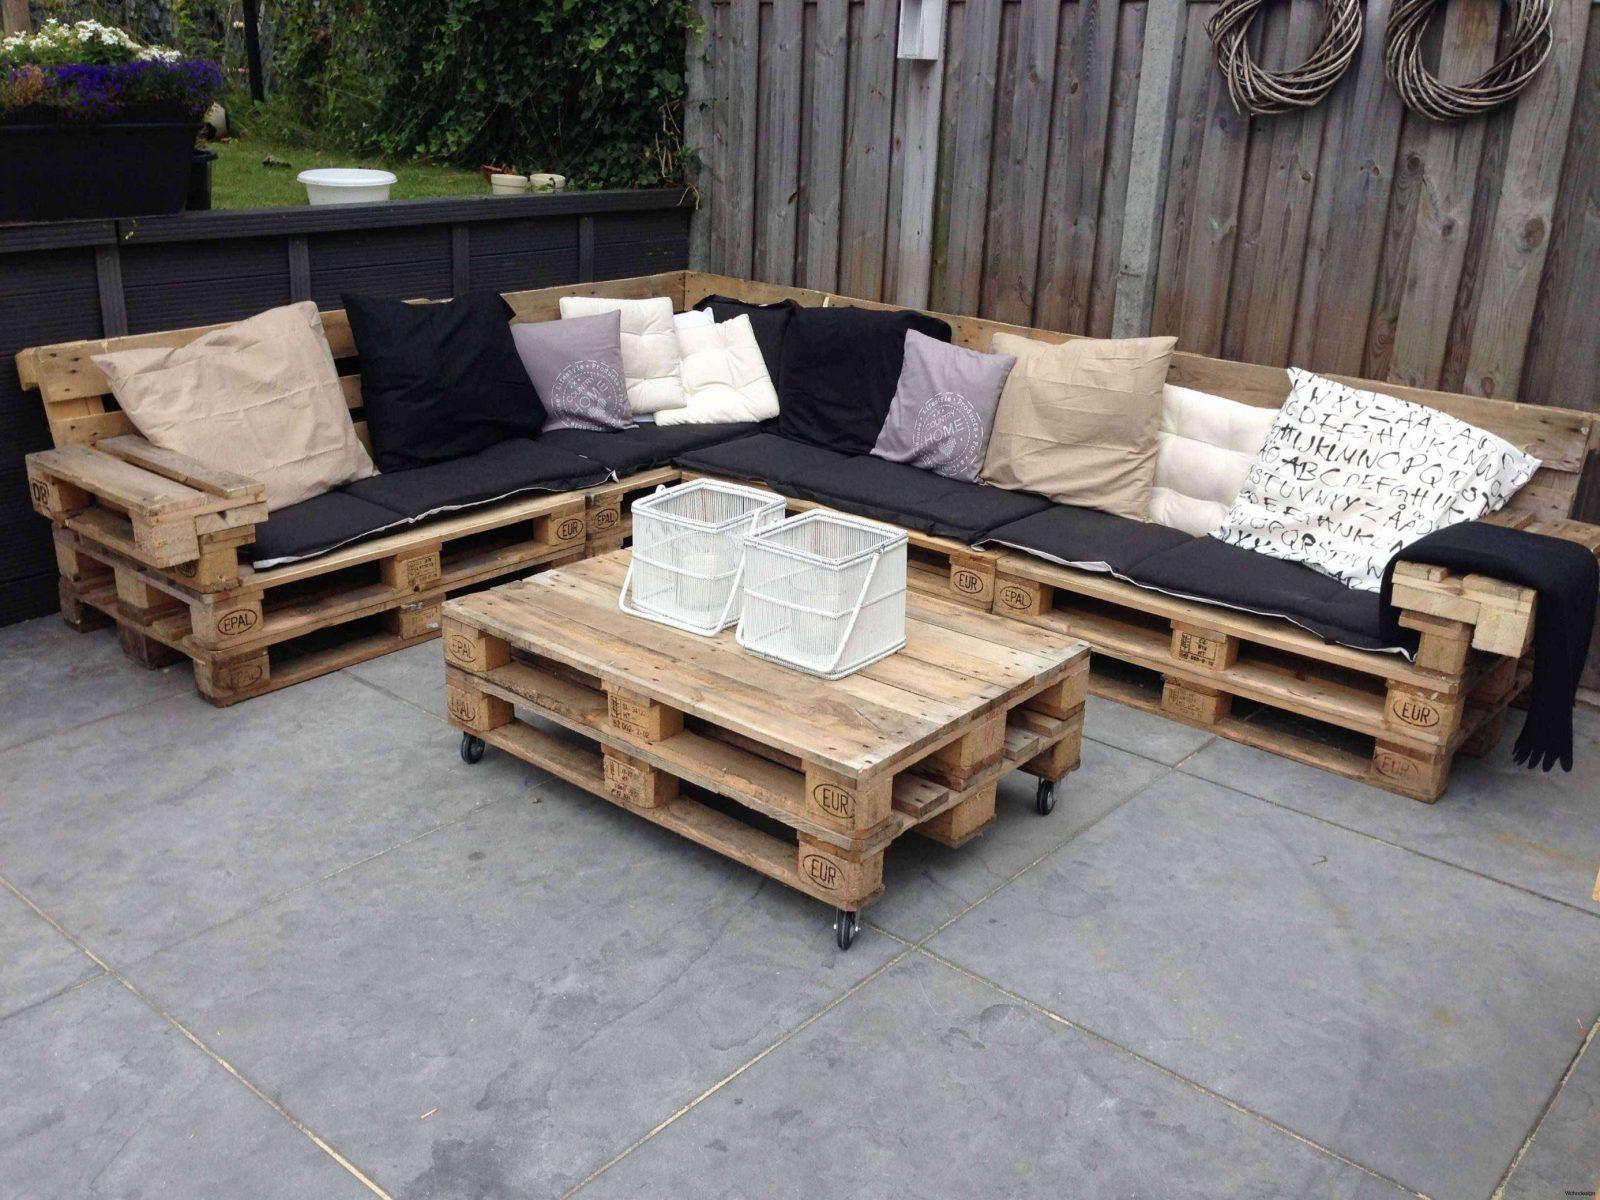 36 Das Beste Von Gartenmöbel Selber Bauen Galerie  Dekor Für Bed von Garten Lounge Möbel Selber Bauen Photo